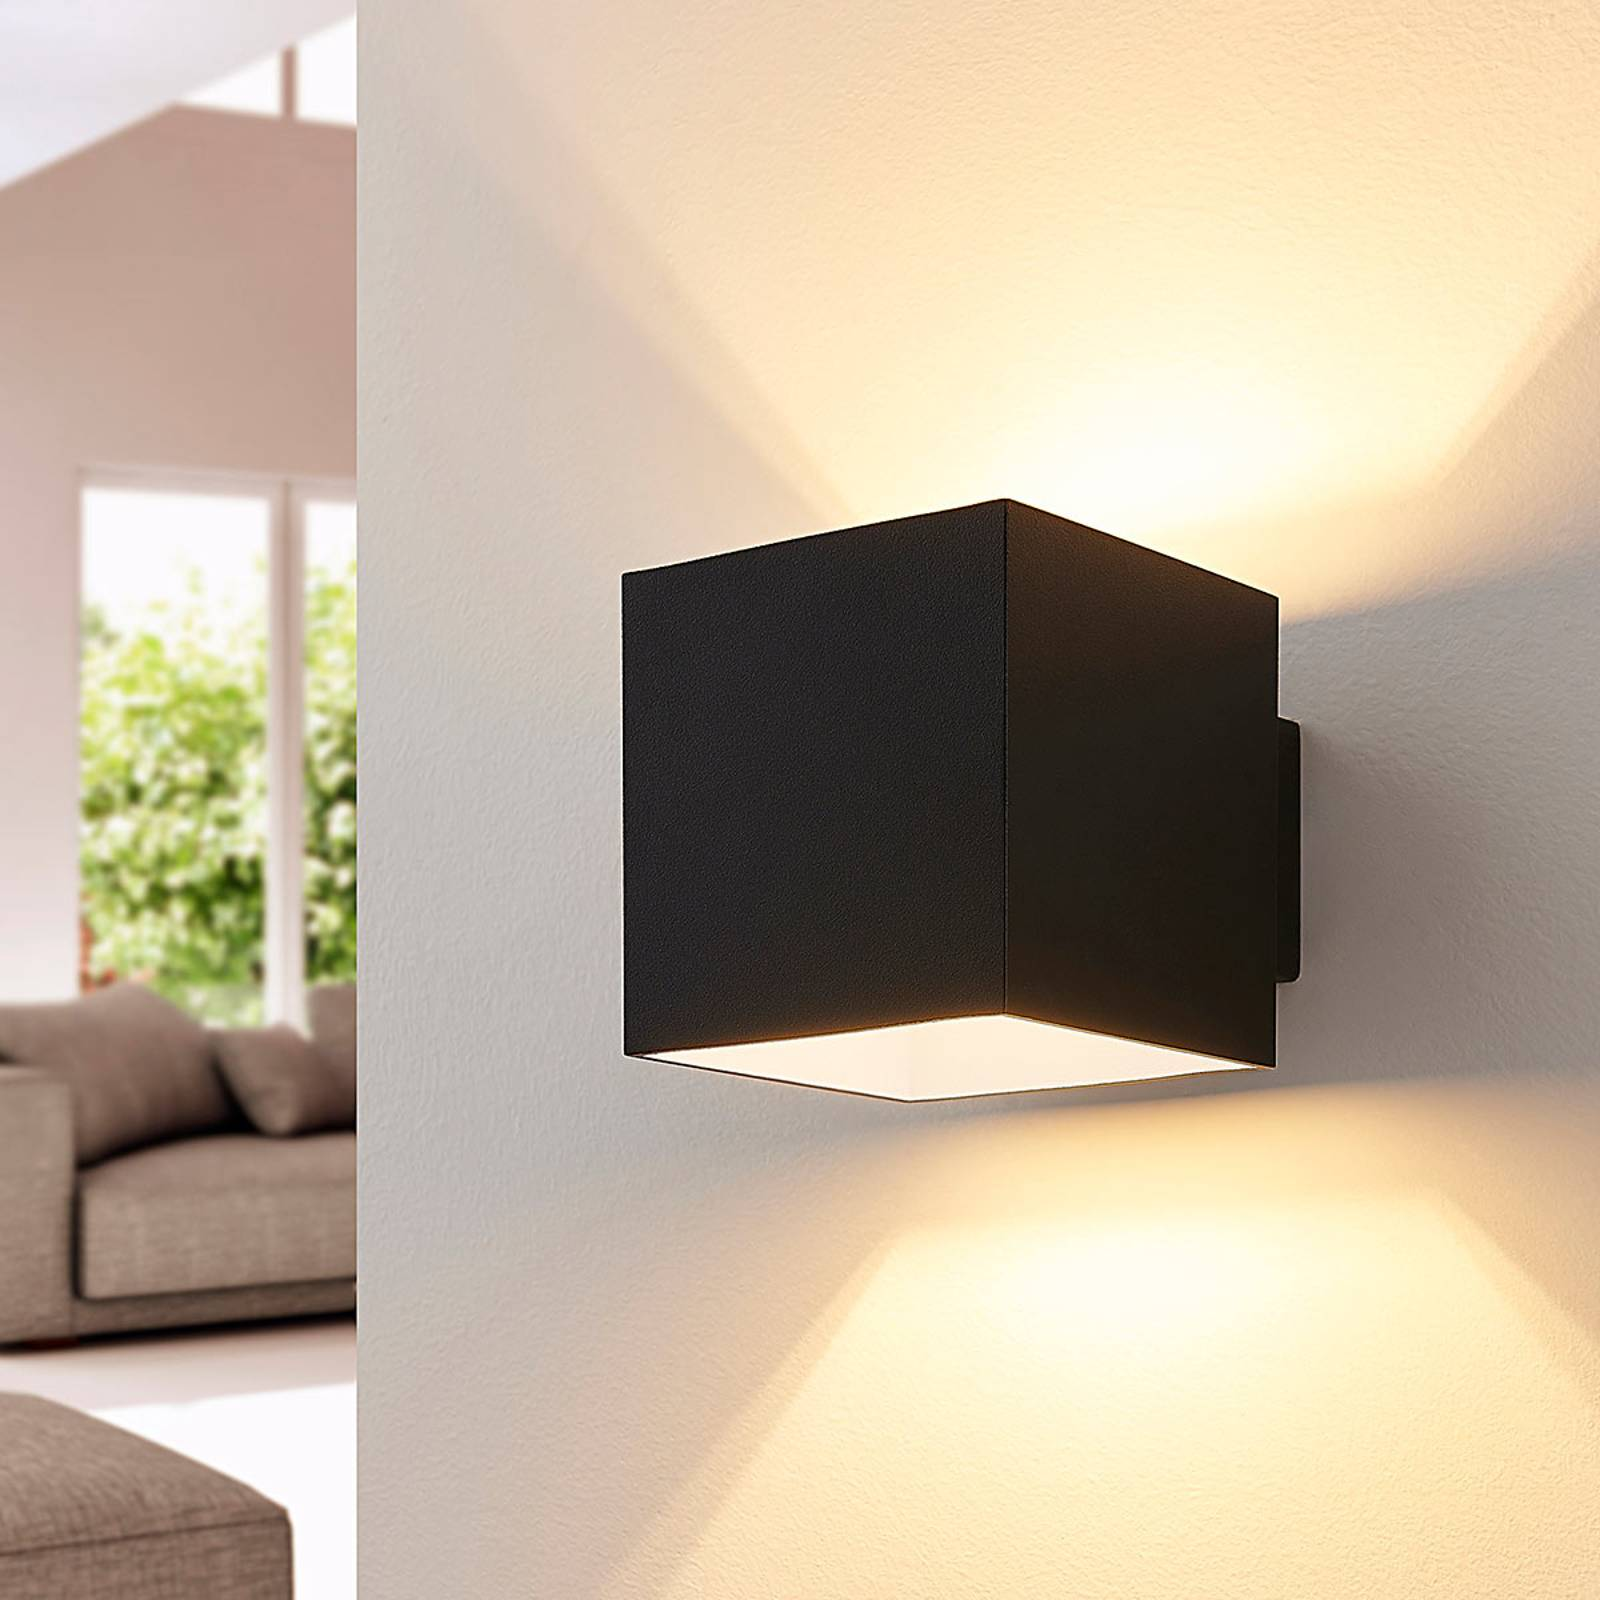 Applique LED Rocco di forma cubica nera